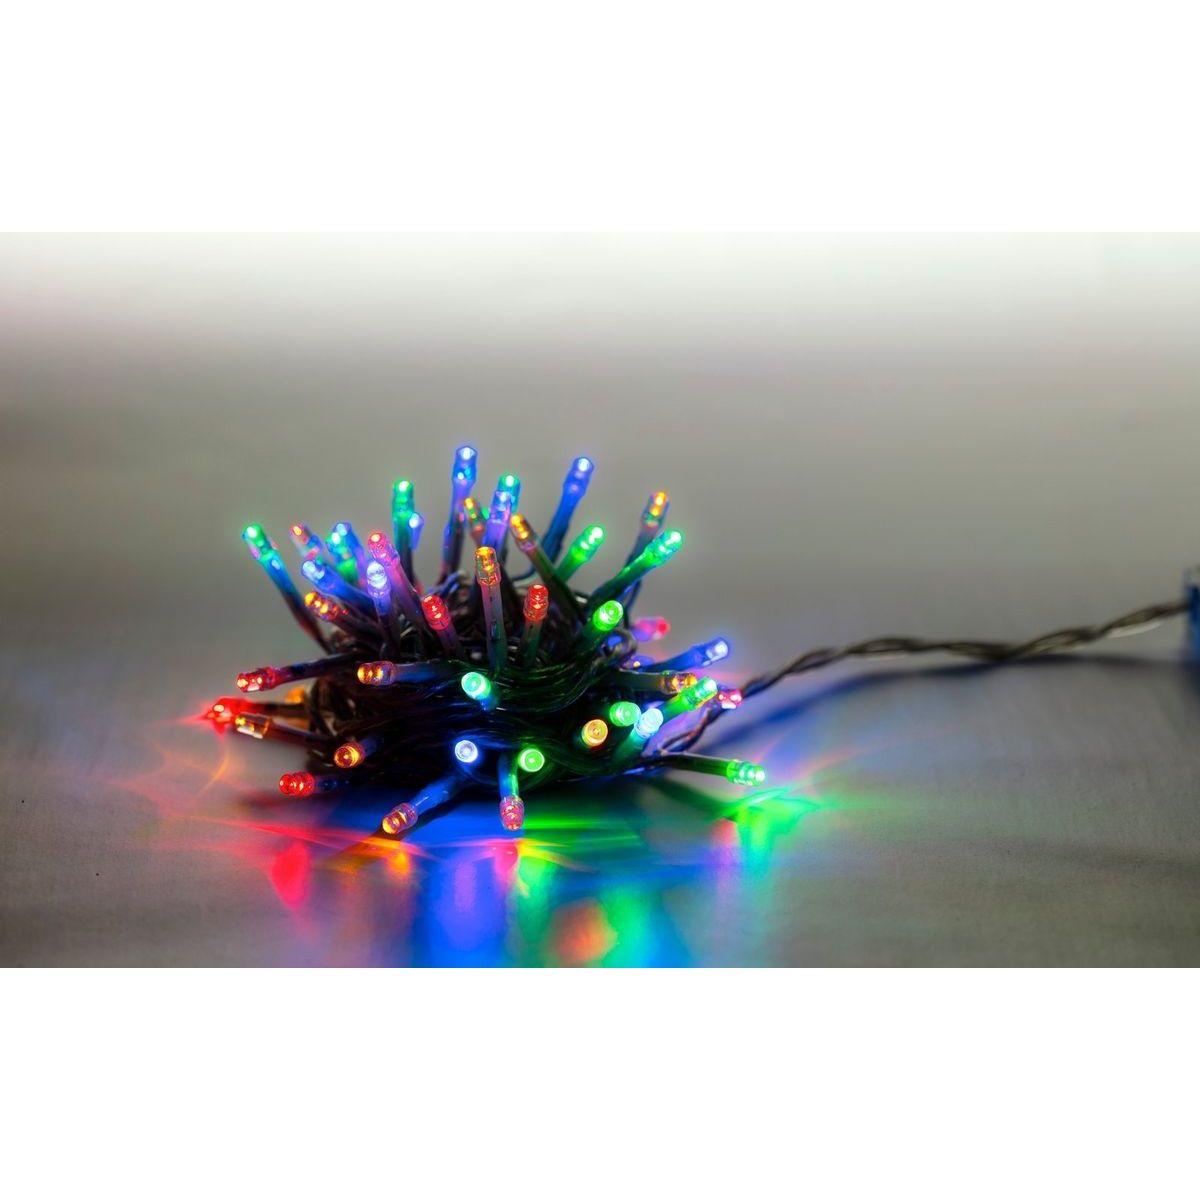 Řetěz světelný 100 LED 5 m barevná transparent kabel